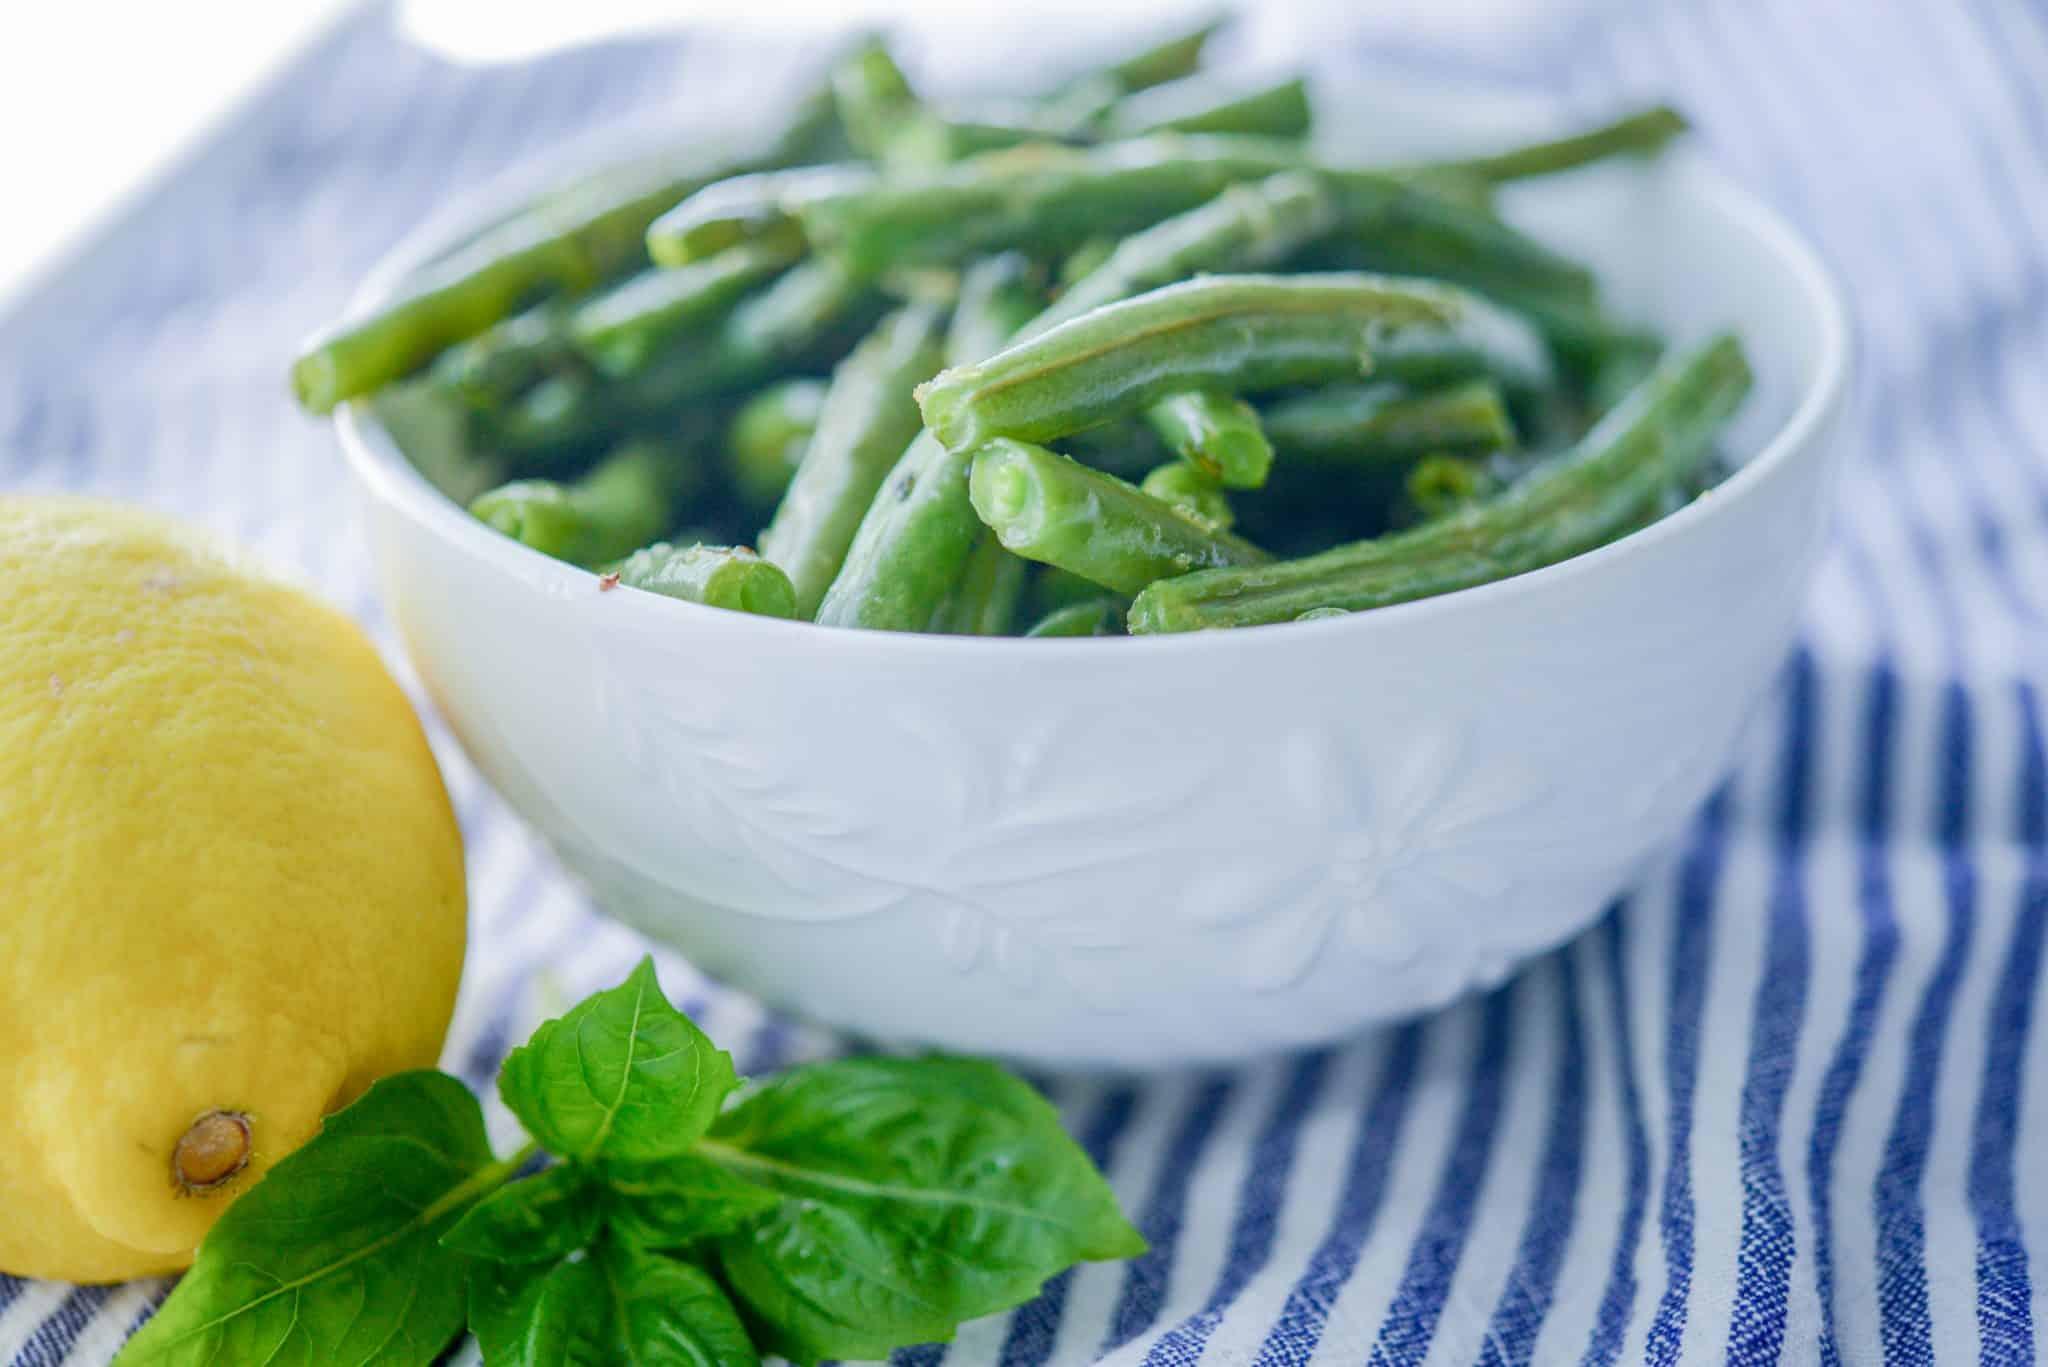 Lemon Basil Roasted Green Beans